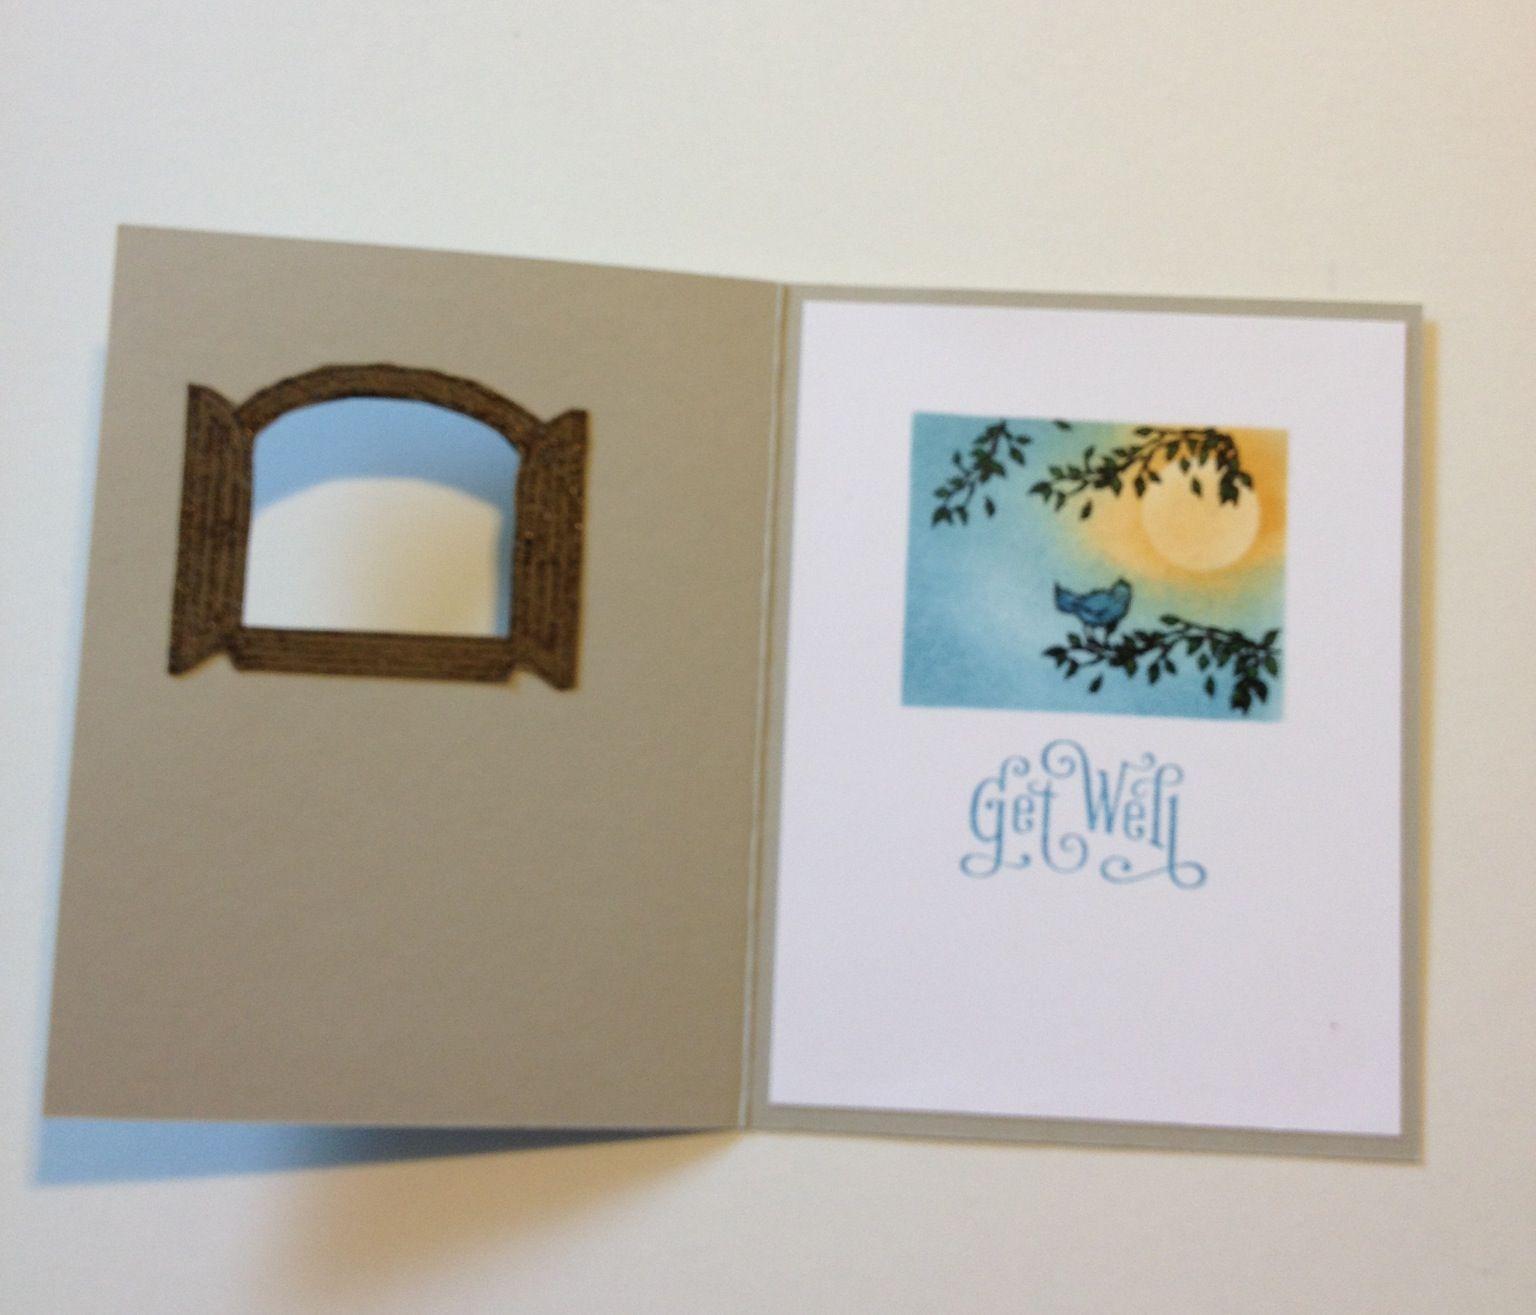 Cottage Window Stamp Set Inside Card. Card Design Inspired